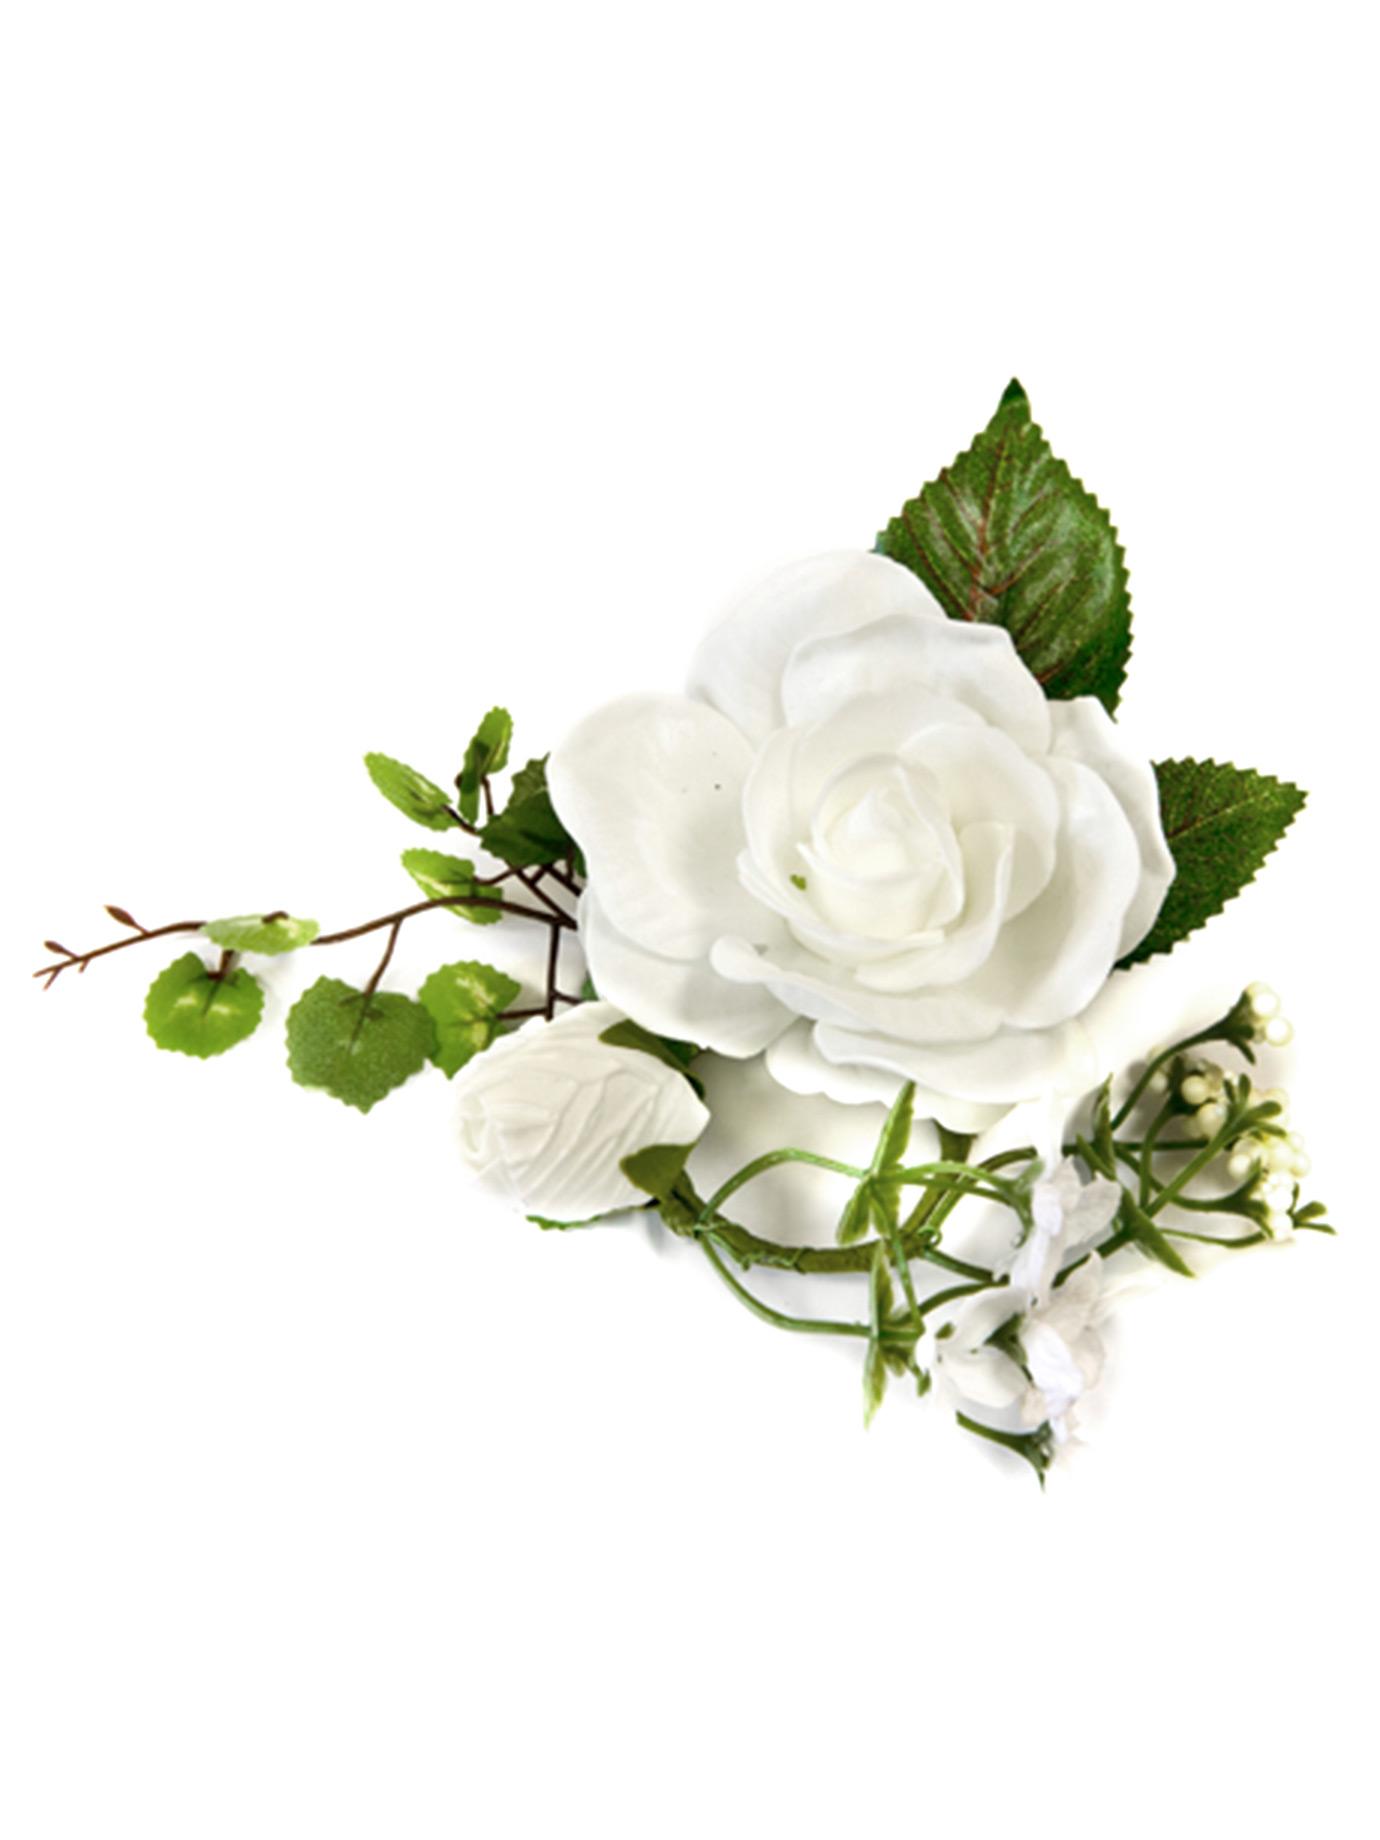 petite composition fleurs artificielles blanches d coration anniversaire et f tes th me sur. Black Bedroom Furniture Sets. Home Design Ideas